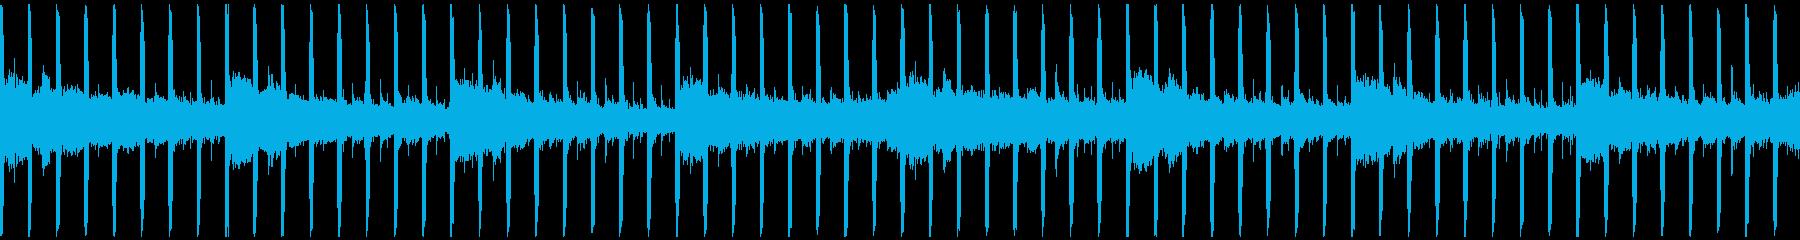 インタビュー(ループ-30秒)の再生済みの波形